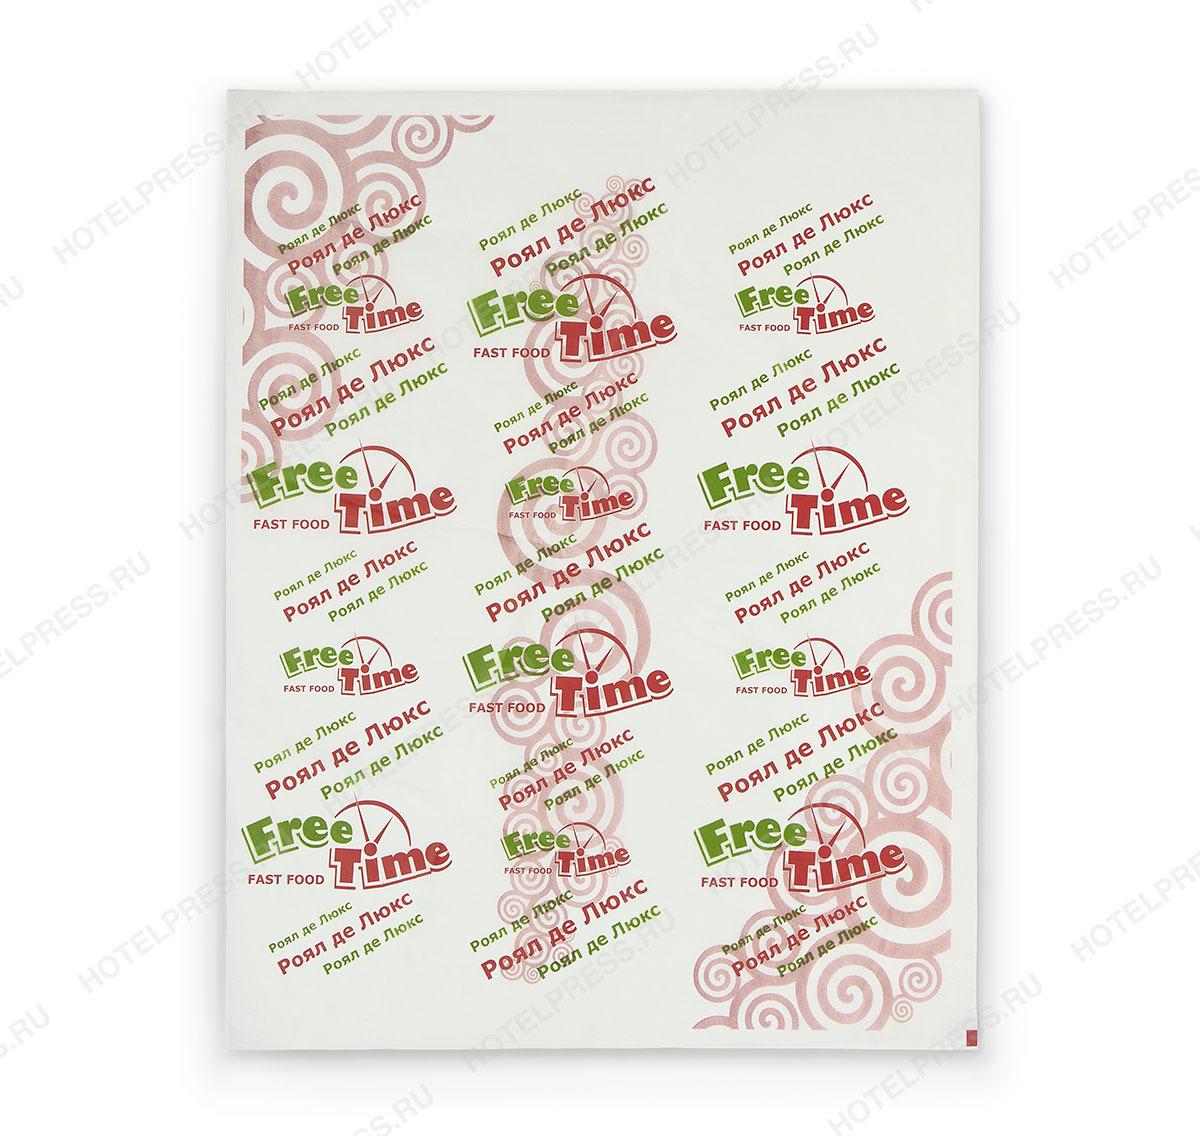 Бумага для упаковки ресторана быстрого питания FREE TIME